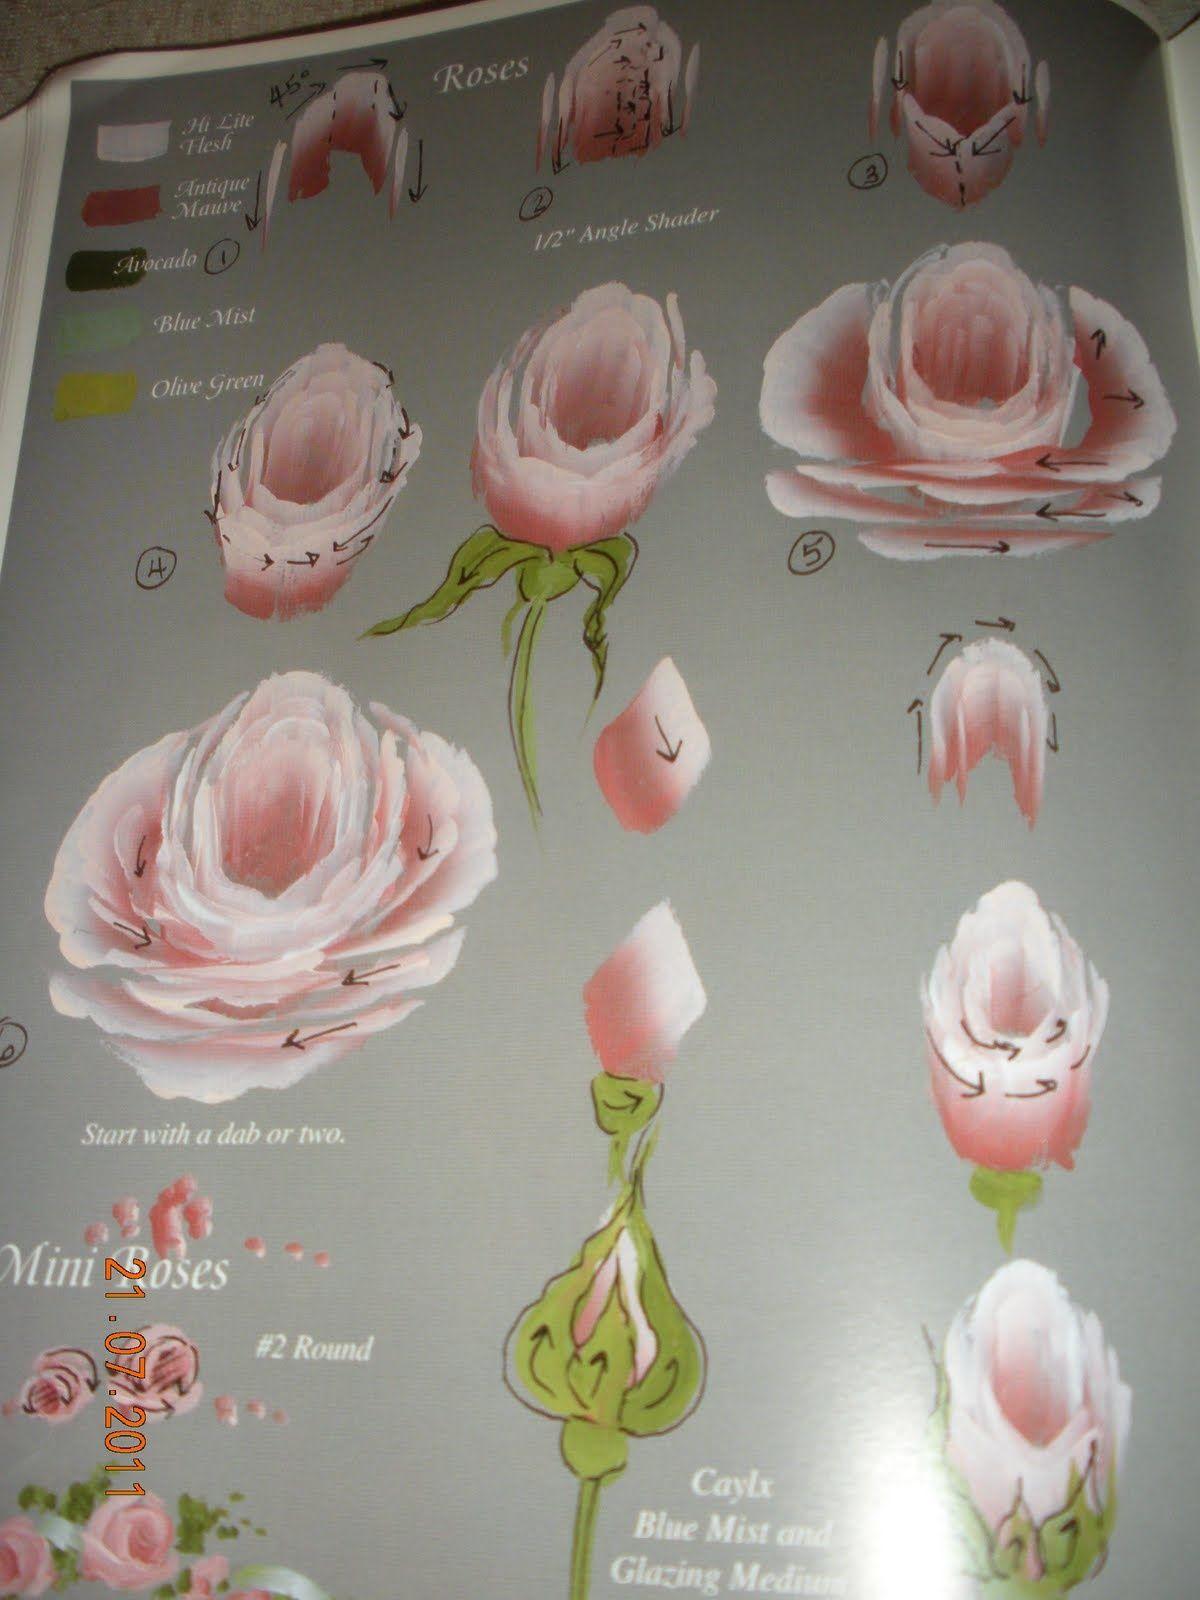 Bbca3172fcc0d11d1df266edc17526cb Jpg 1 200 1 600 Pixels Rose Malen Wie Man Blumen Malt Blumenzeichnungen